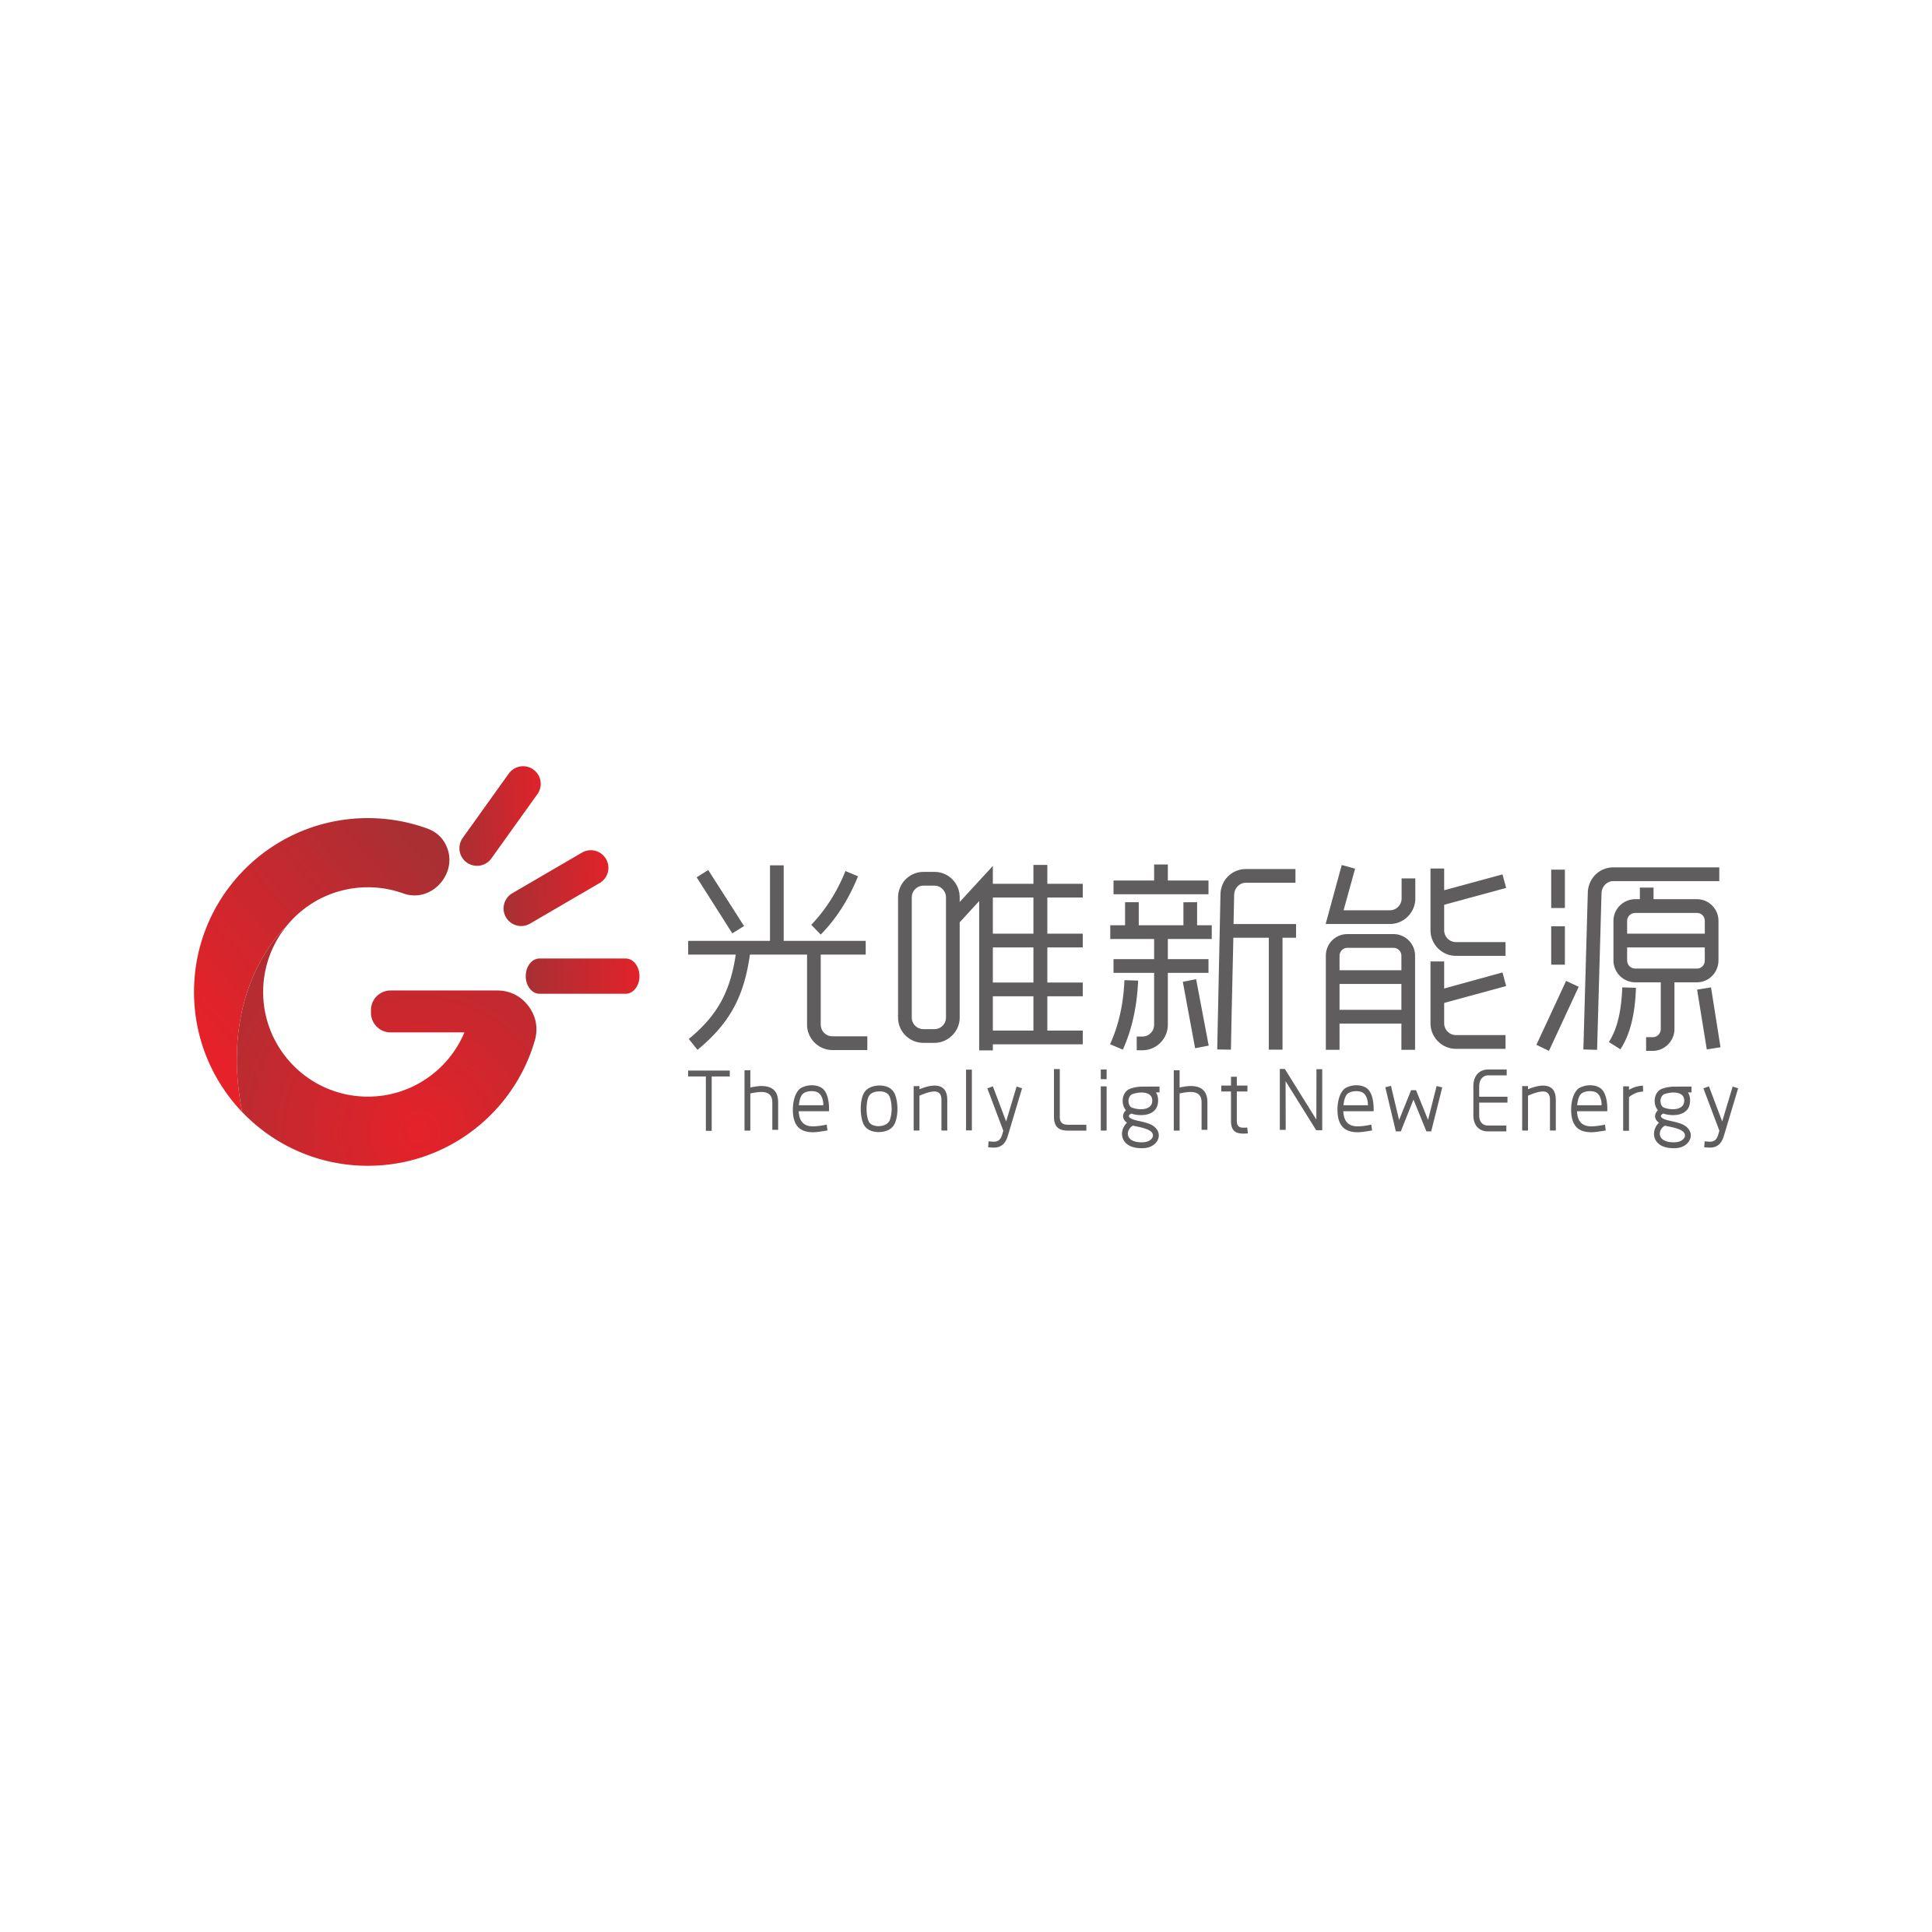 光唯新能源